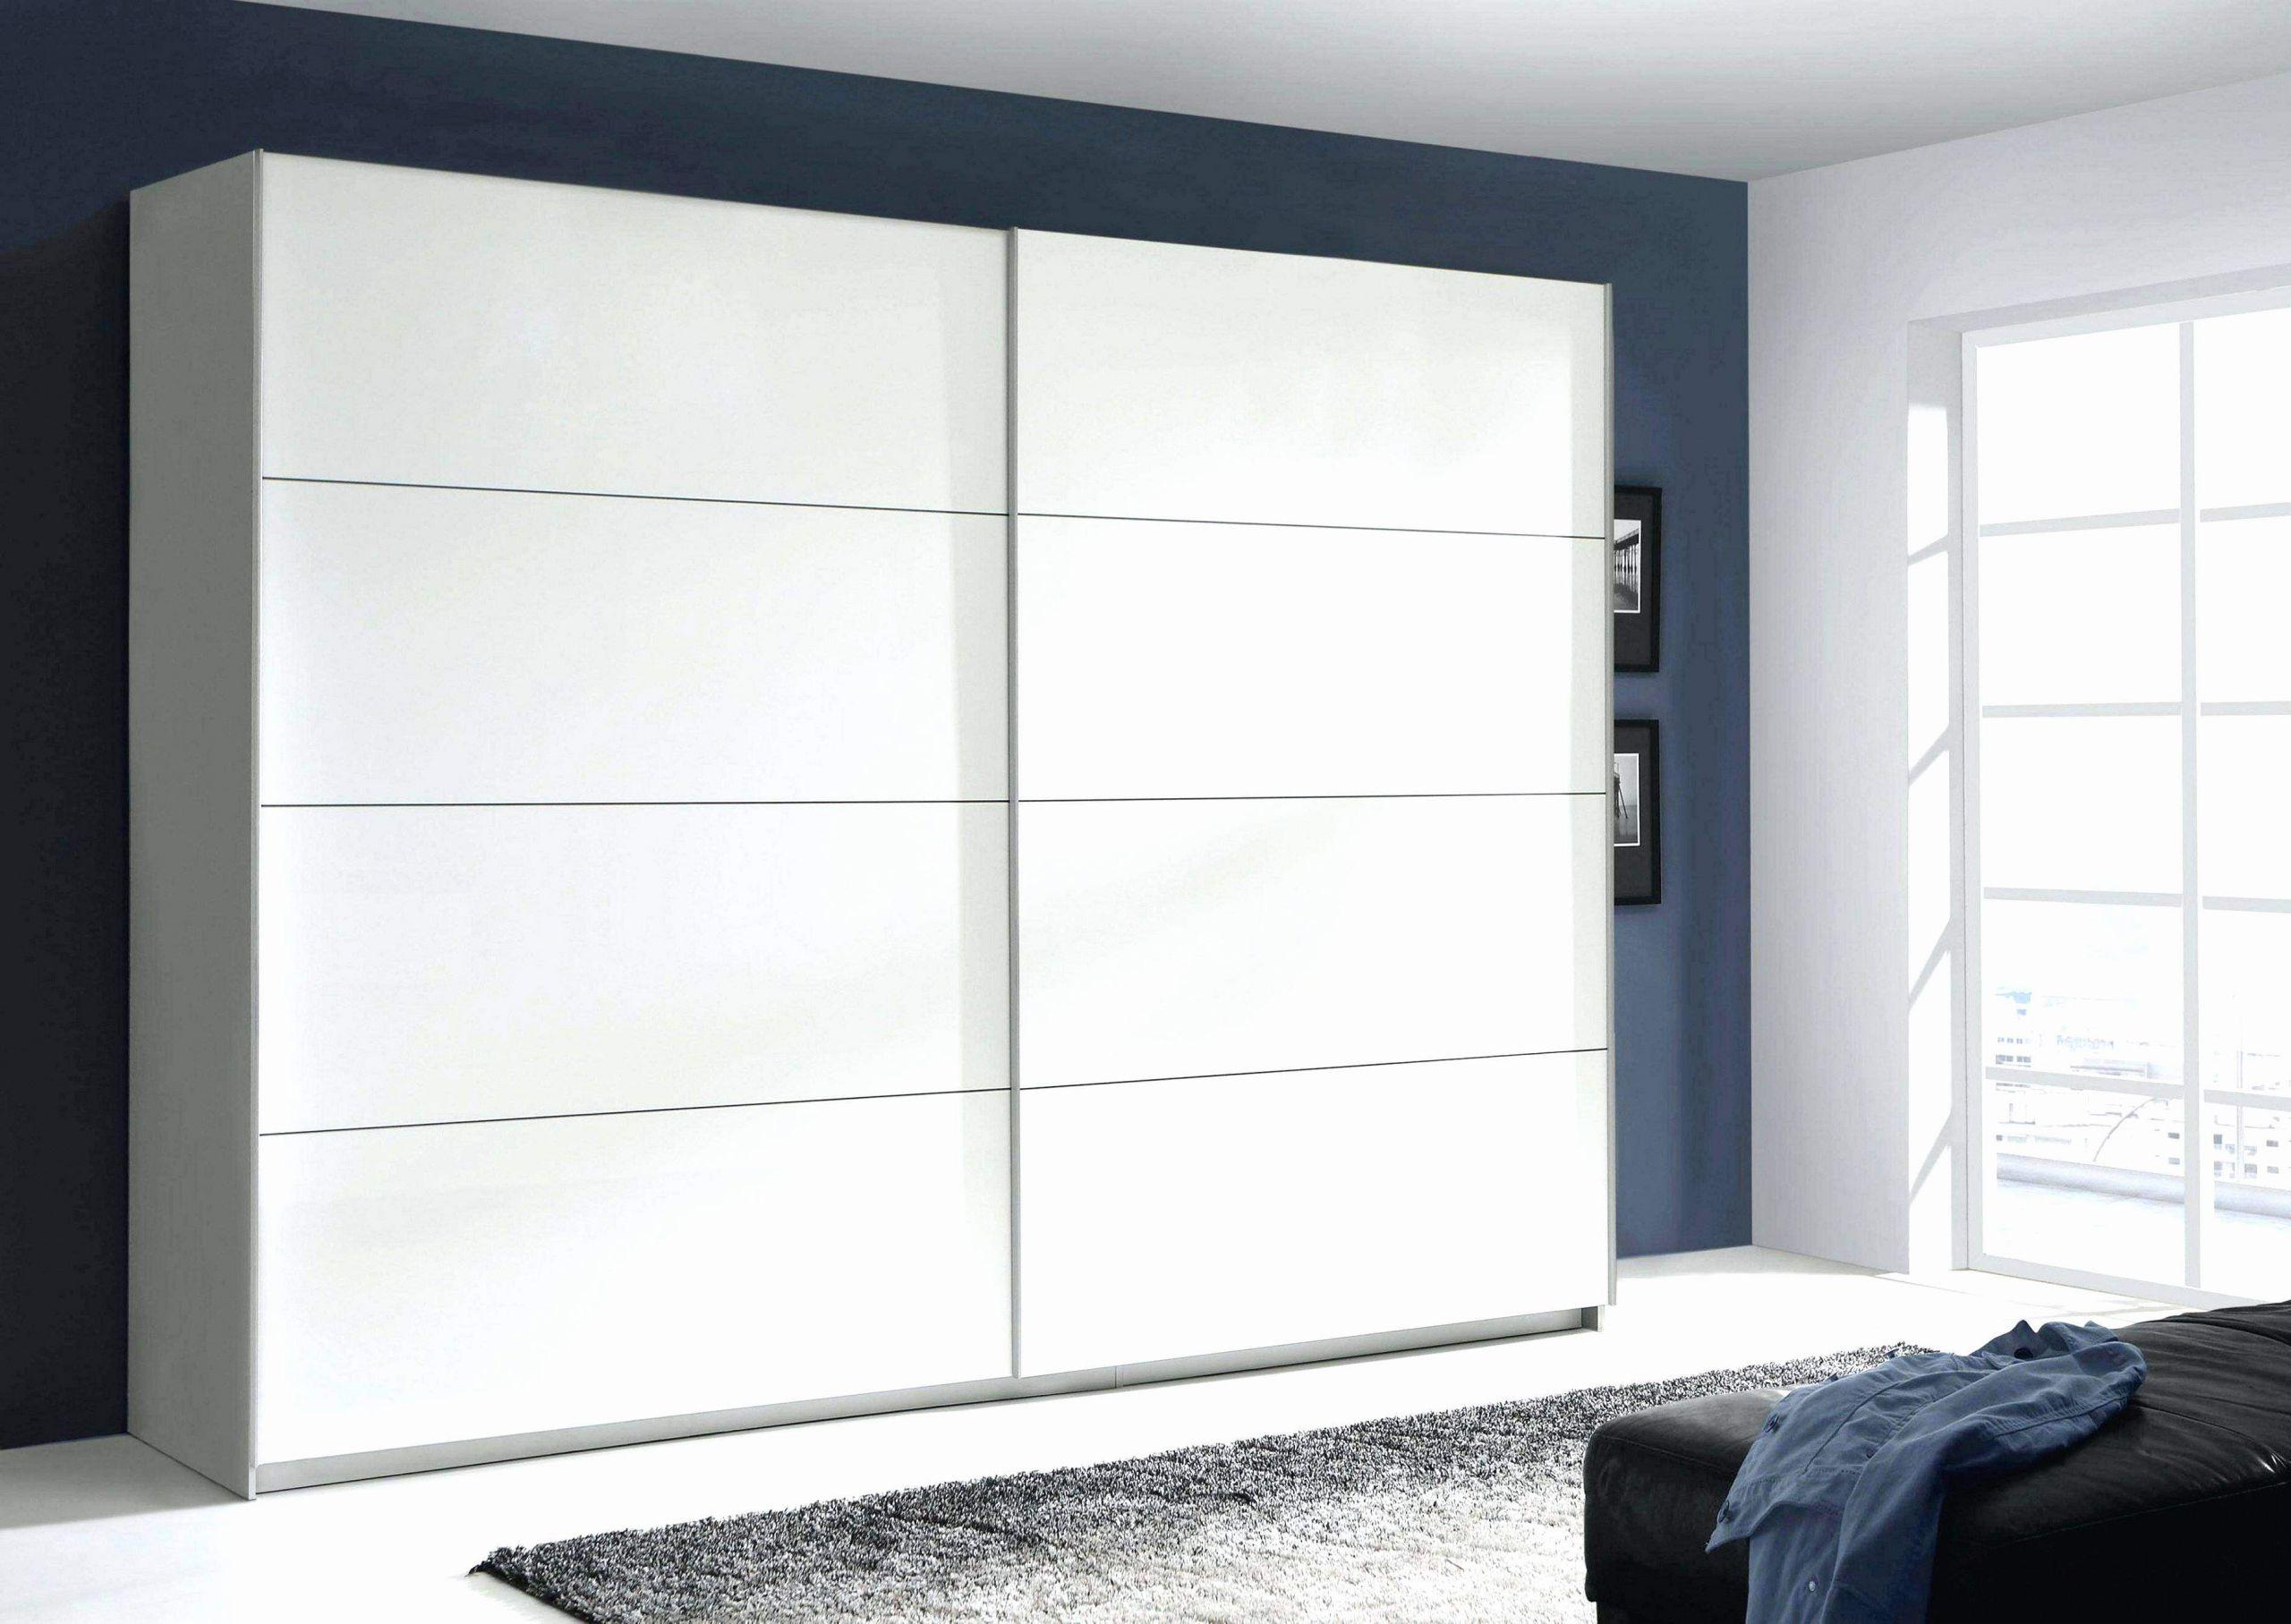 Full Size of Wohnzimmerschränke Ikea Schrnke Wohnzimmer Wohnzimmerschrank Creme Technikschrank Miniküche Küche Kaufen Sofa Mit Schlaffunktion Kosten Modulküche Betten Wohnzimmer Wohnzimmerschränke Ikea